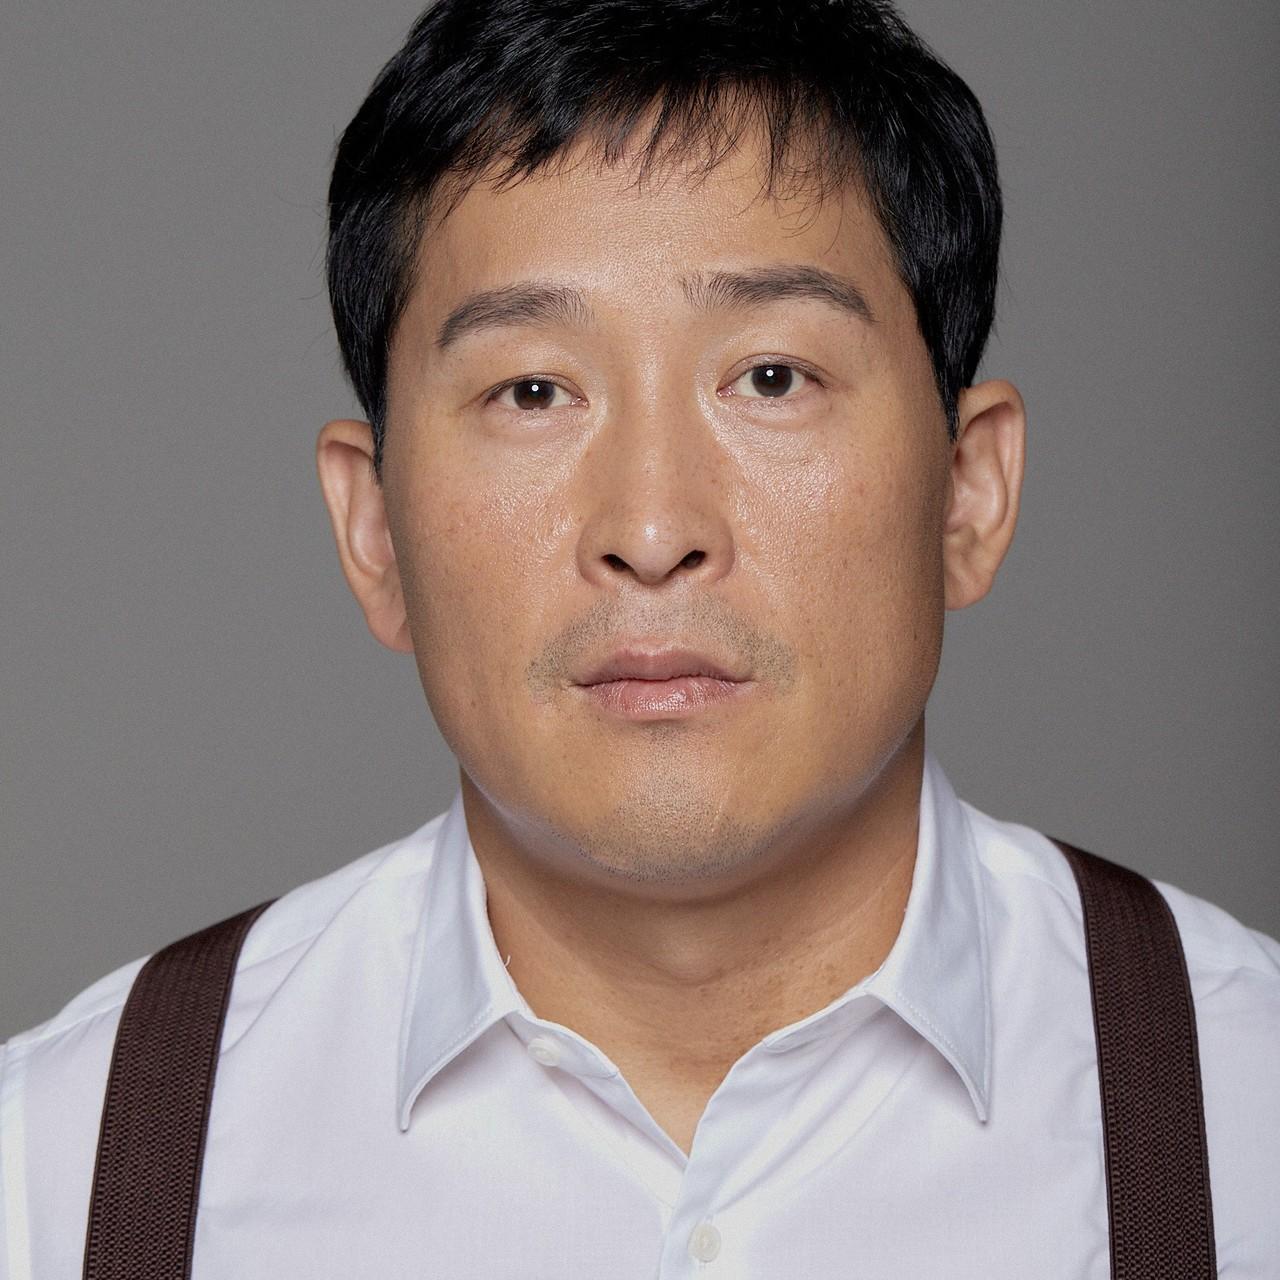 <b>조석현<br>Jo Seok Hyun</b>